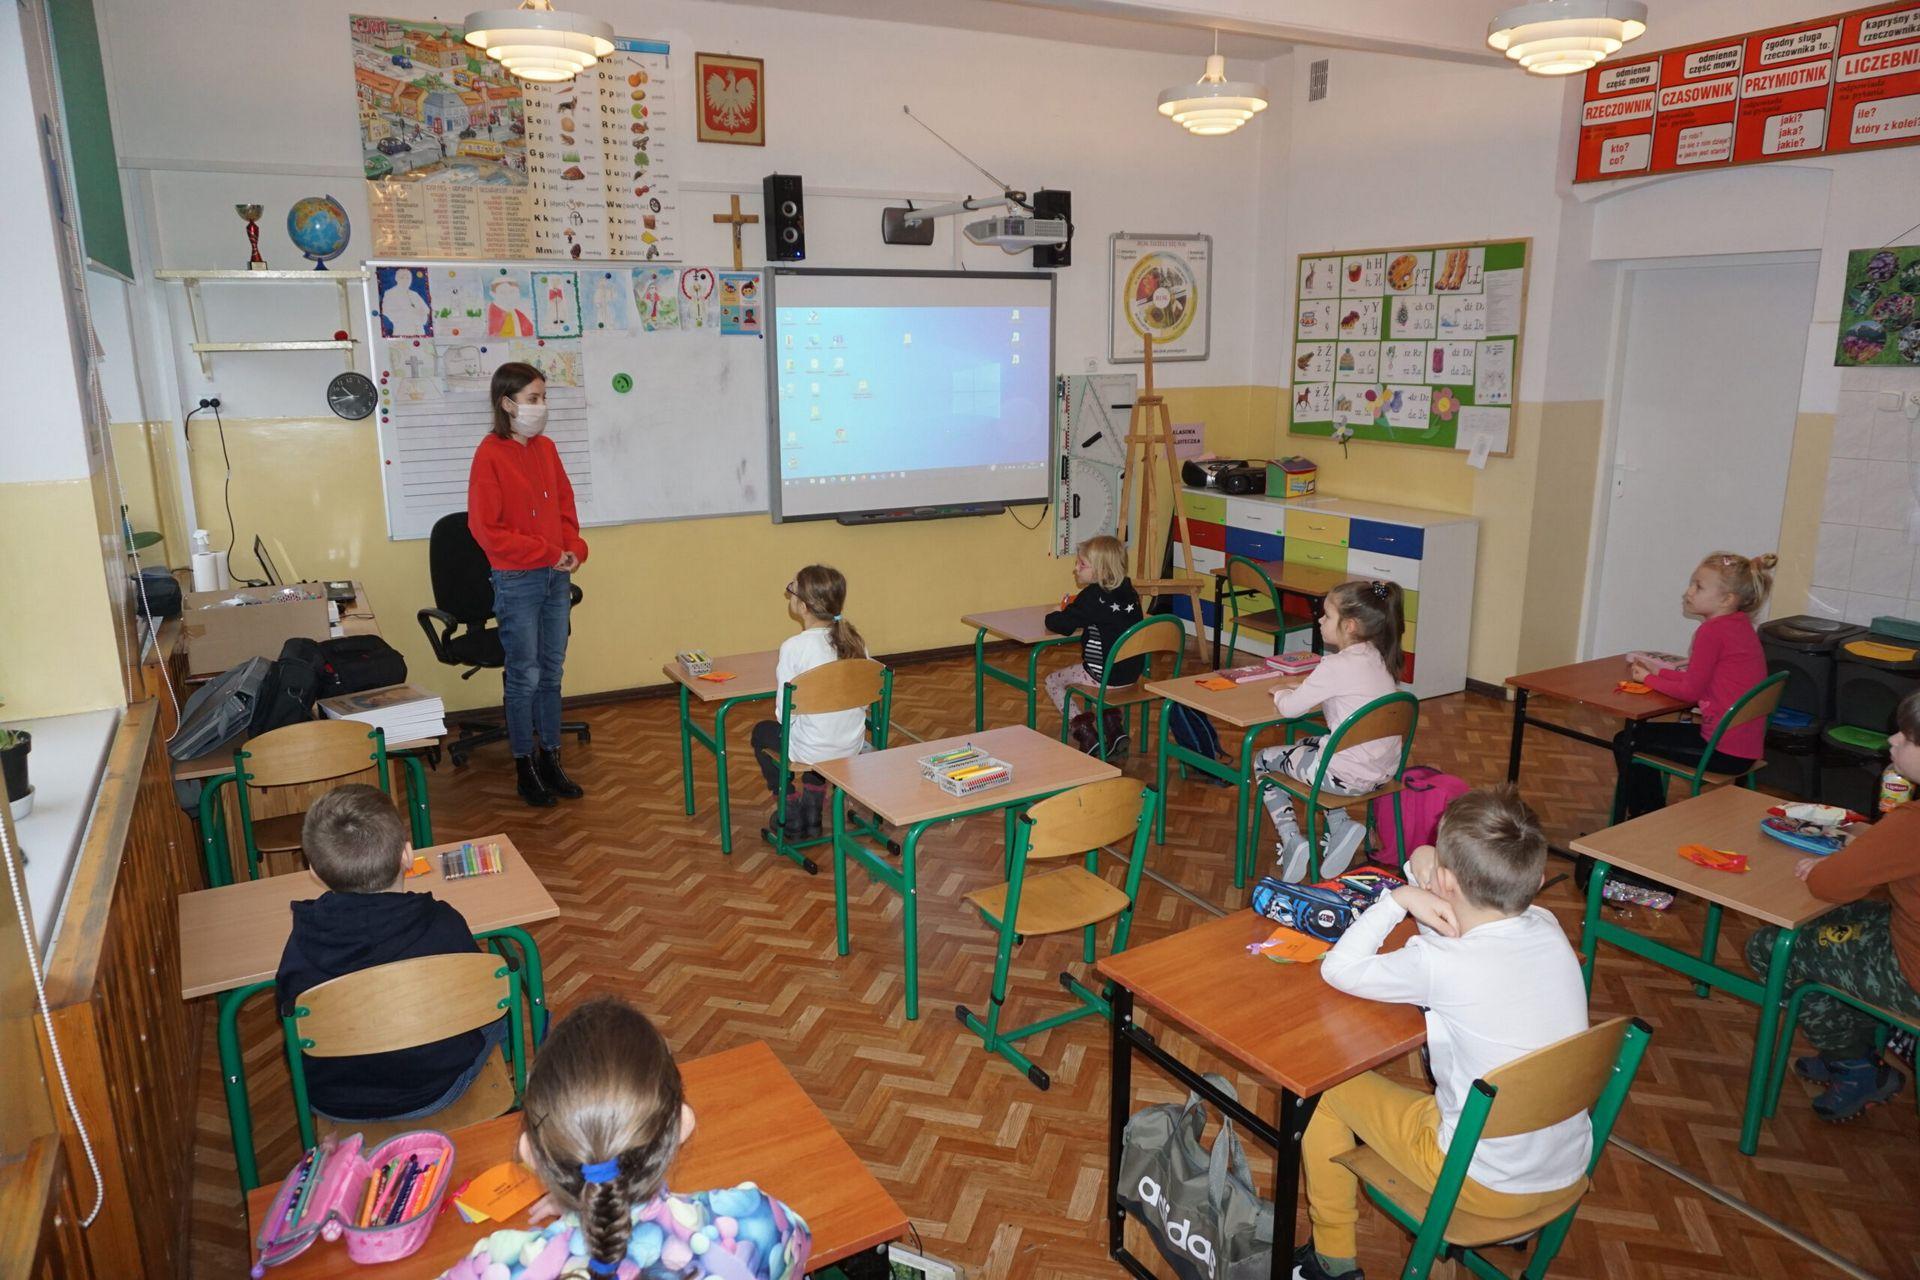 Fotografia warsztatów w sali edukacyjnej dzieci siedzące w ławkach oglądają prezentację na temat malarstwa Potworowskiego